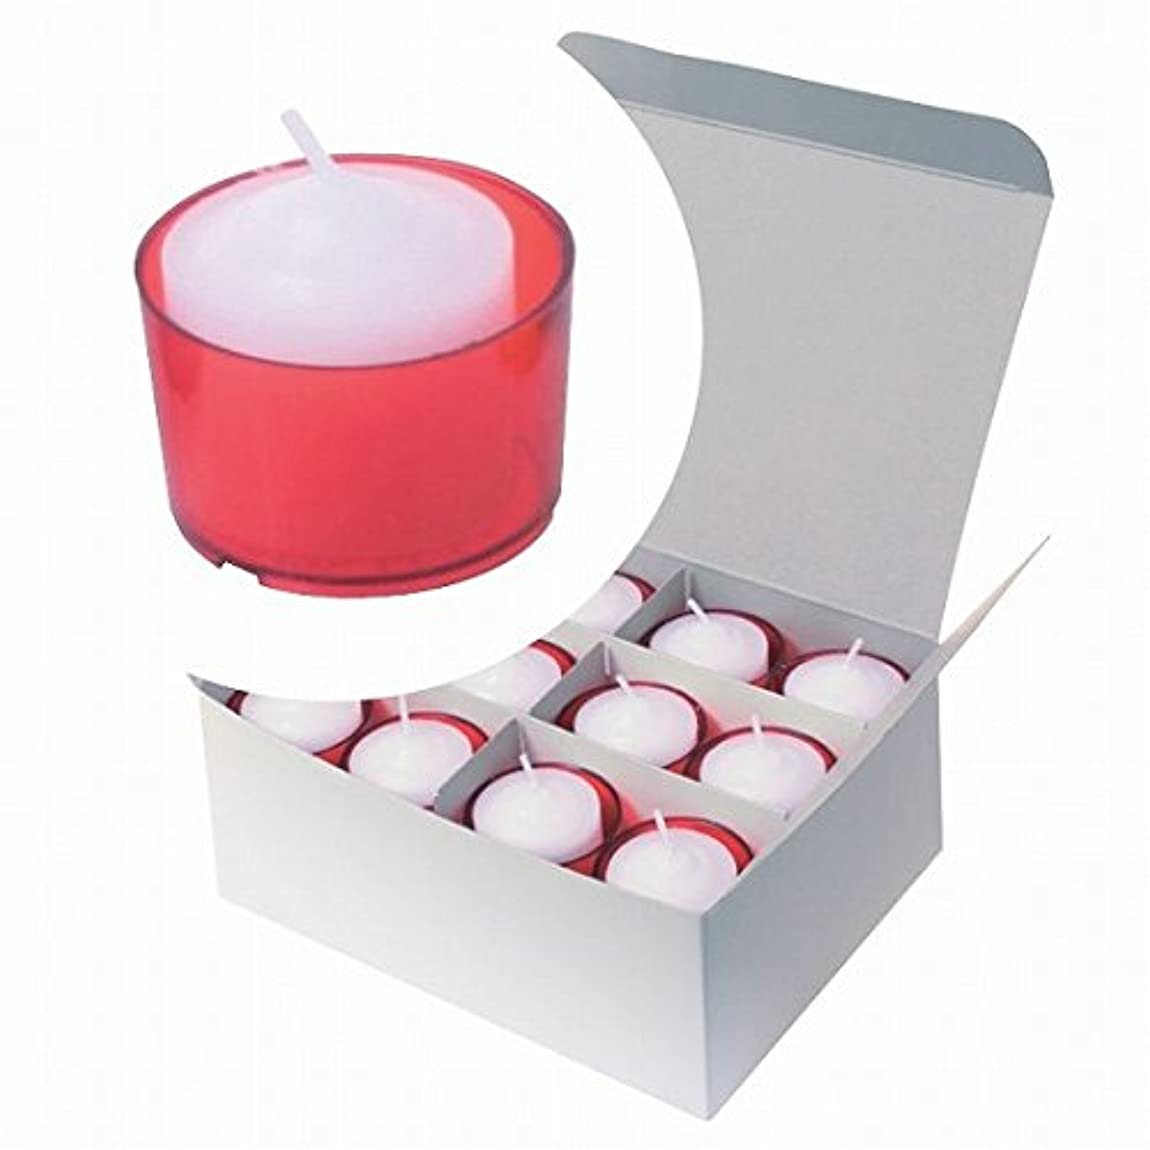 民族主義貪欲モートカメヤマキャンドル( kameyama candle ) カラークリアカップボーティブ6時間タイプ 24個入り 「 レッド 」